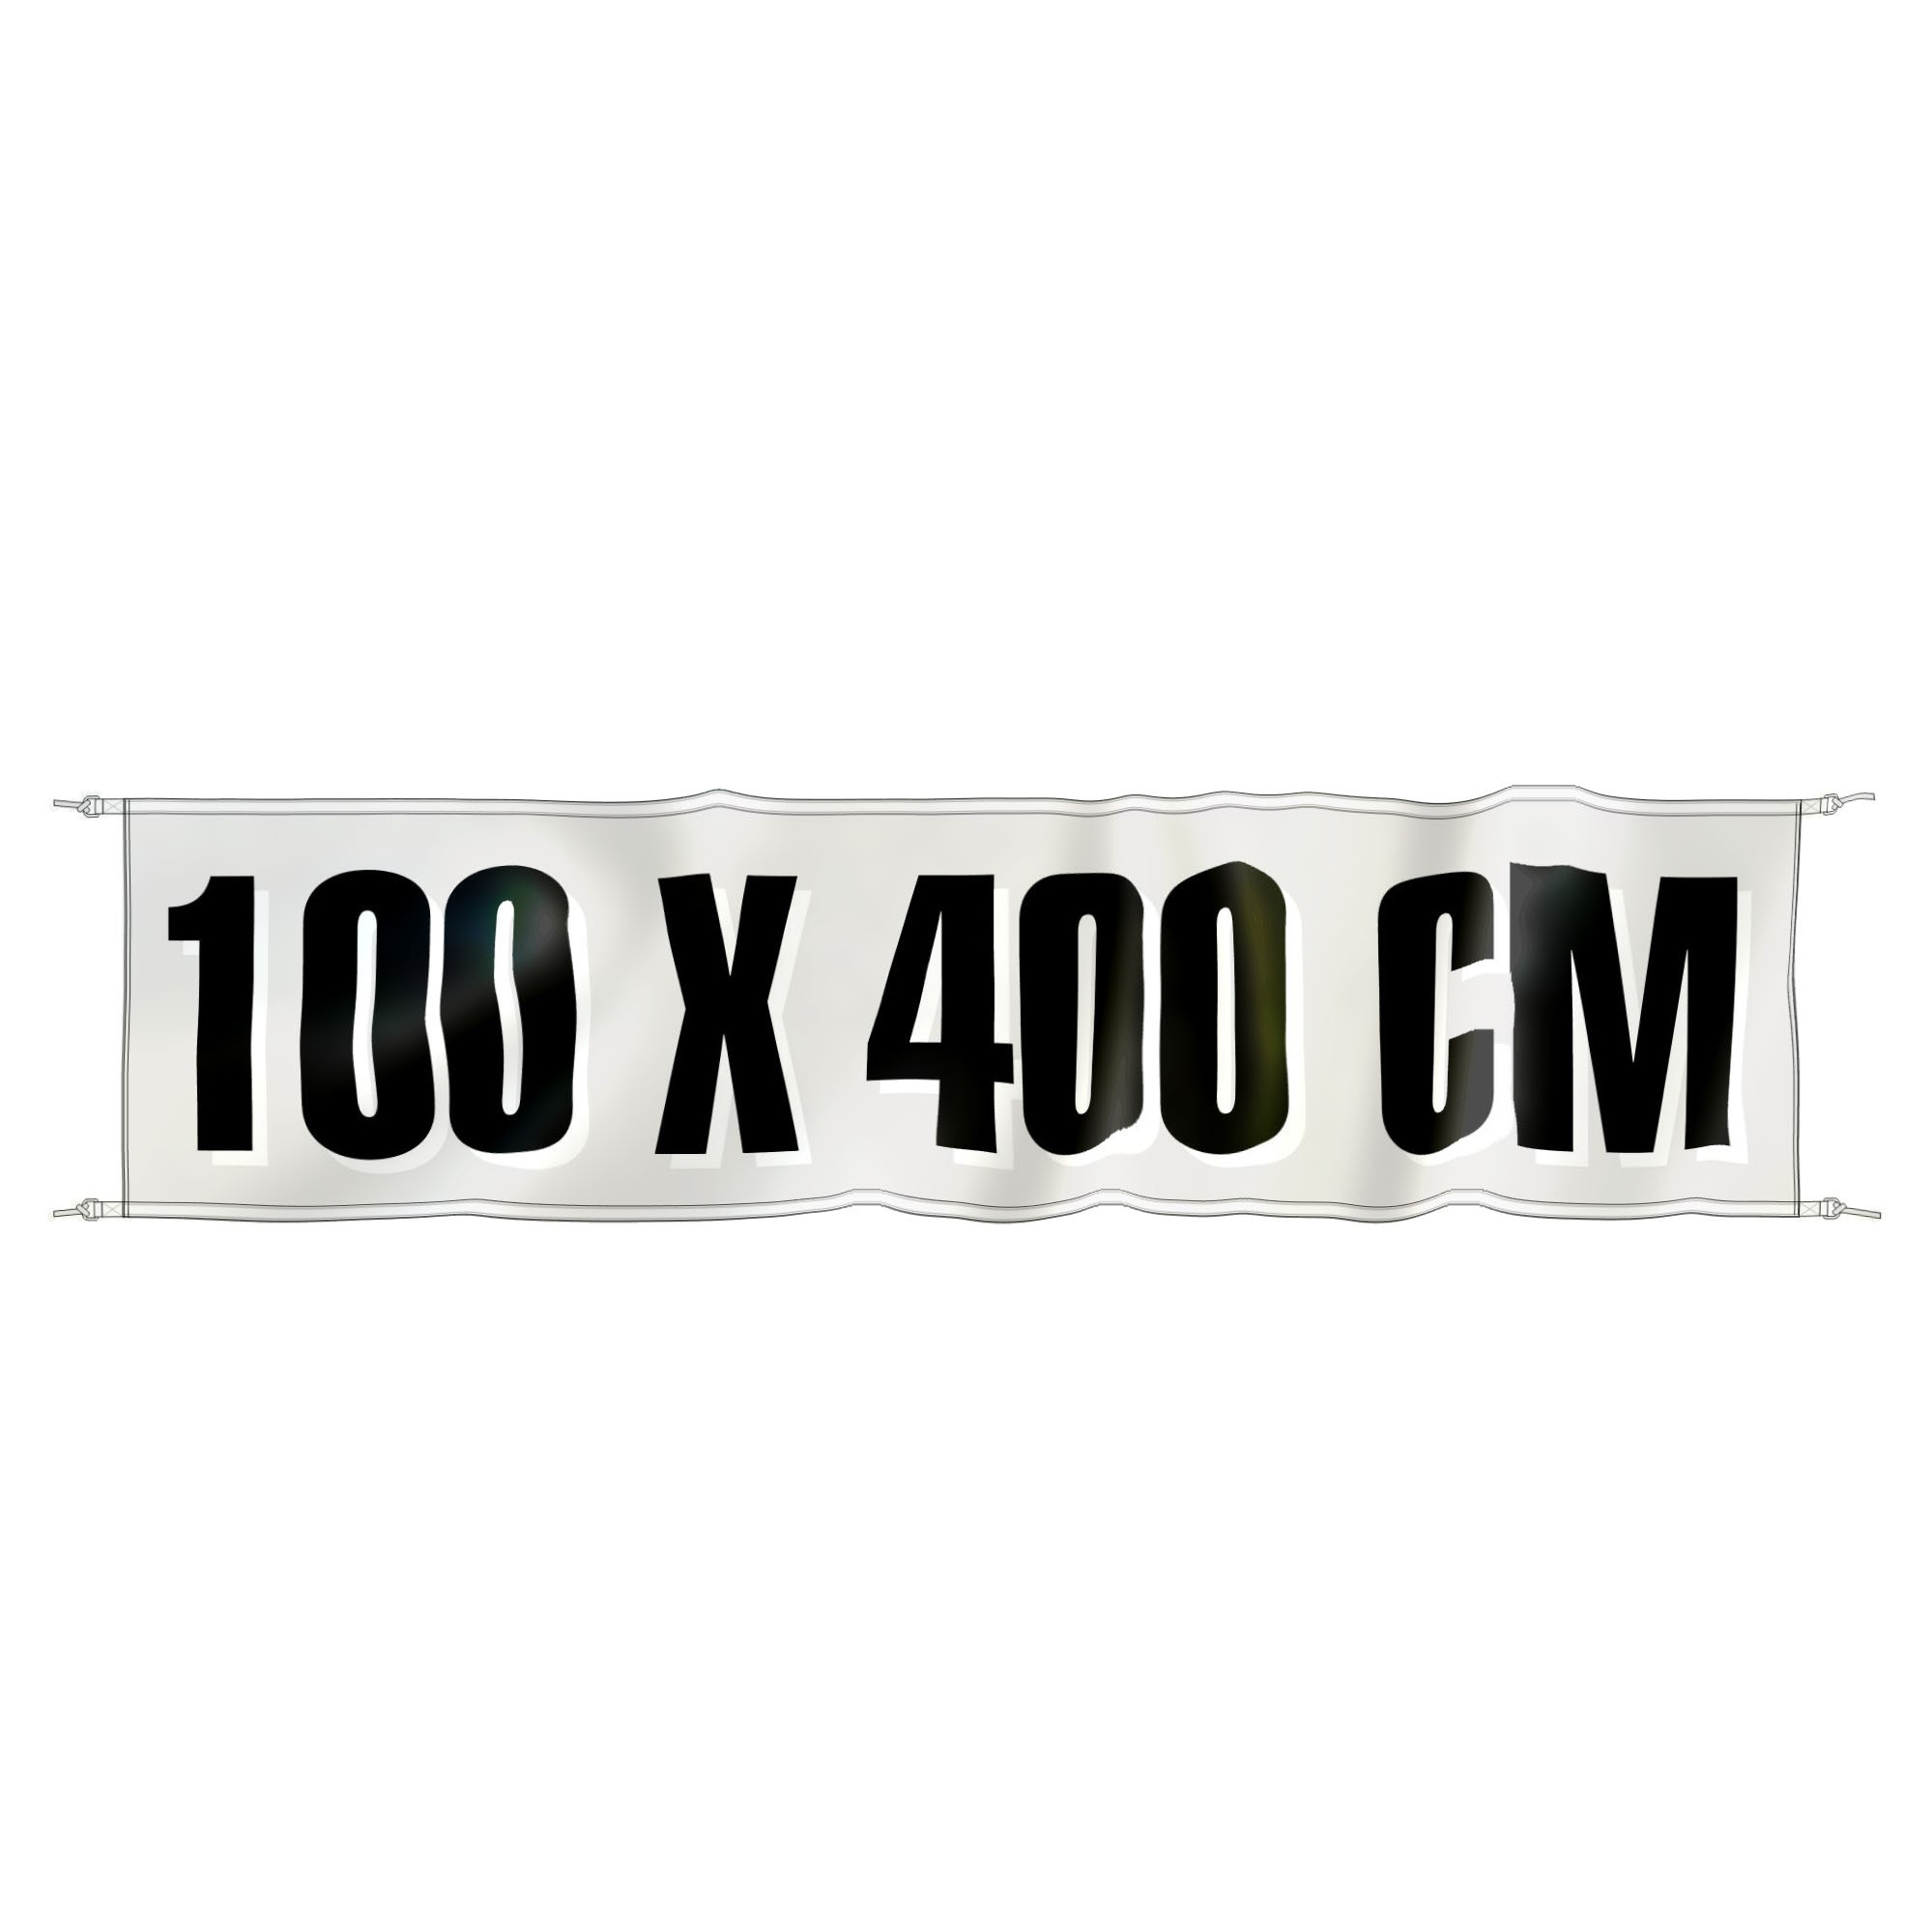 Spandoek 400 cm x 100 cm, fullcolor, glanspolyester 120 gr/m2